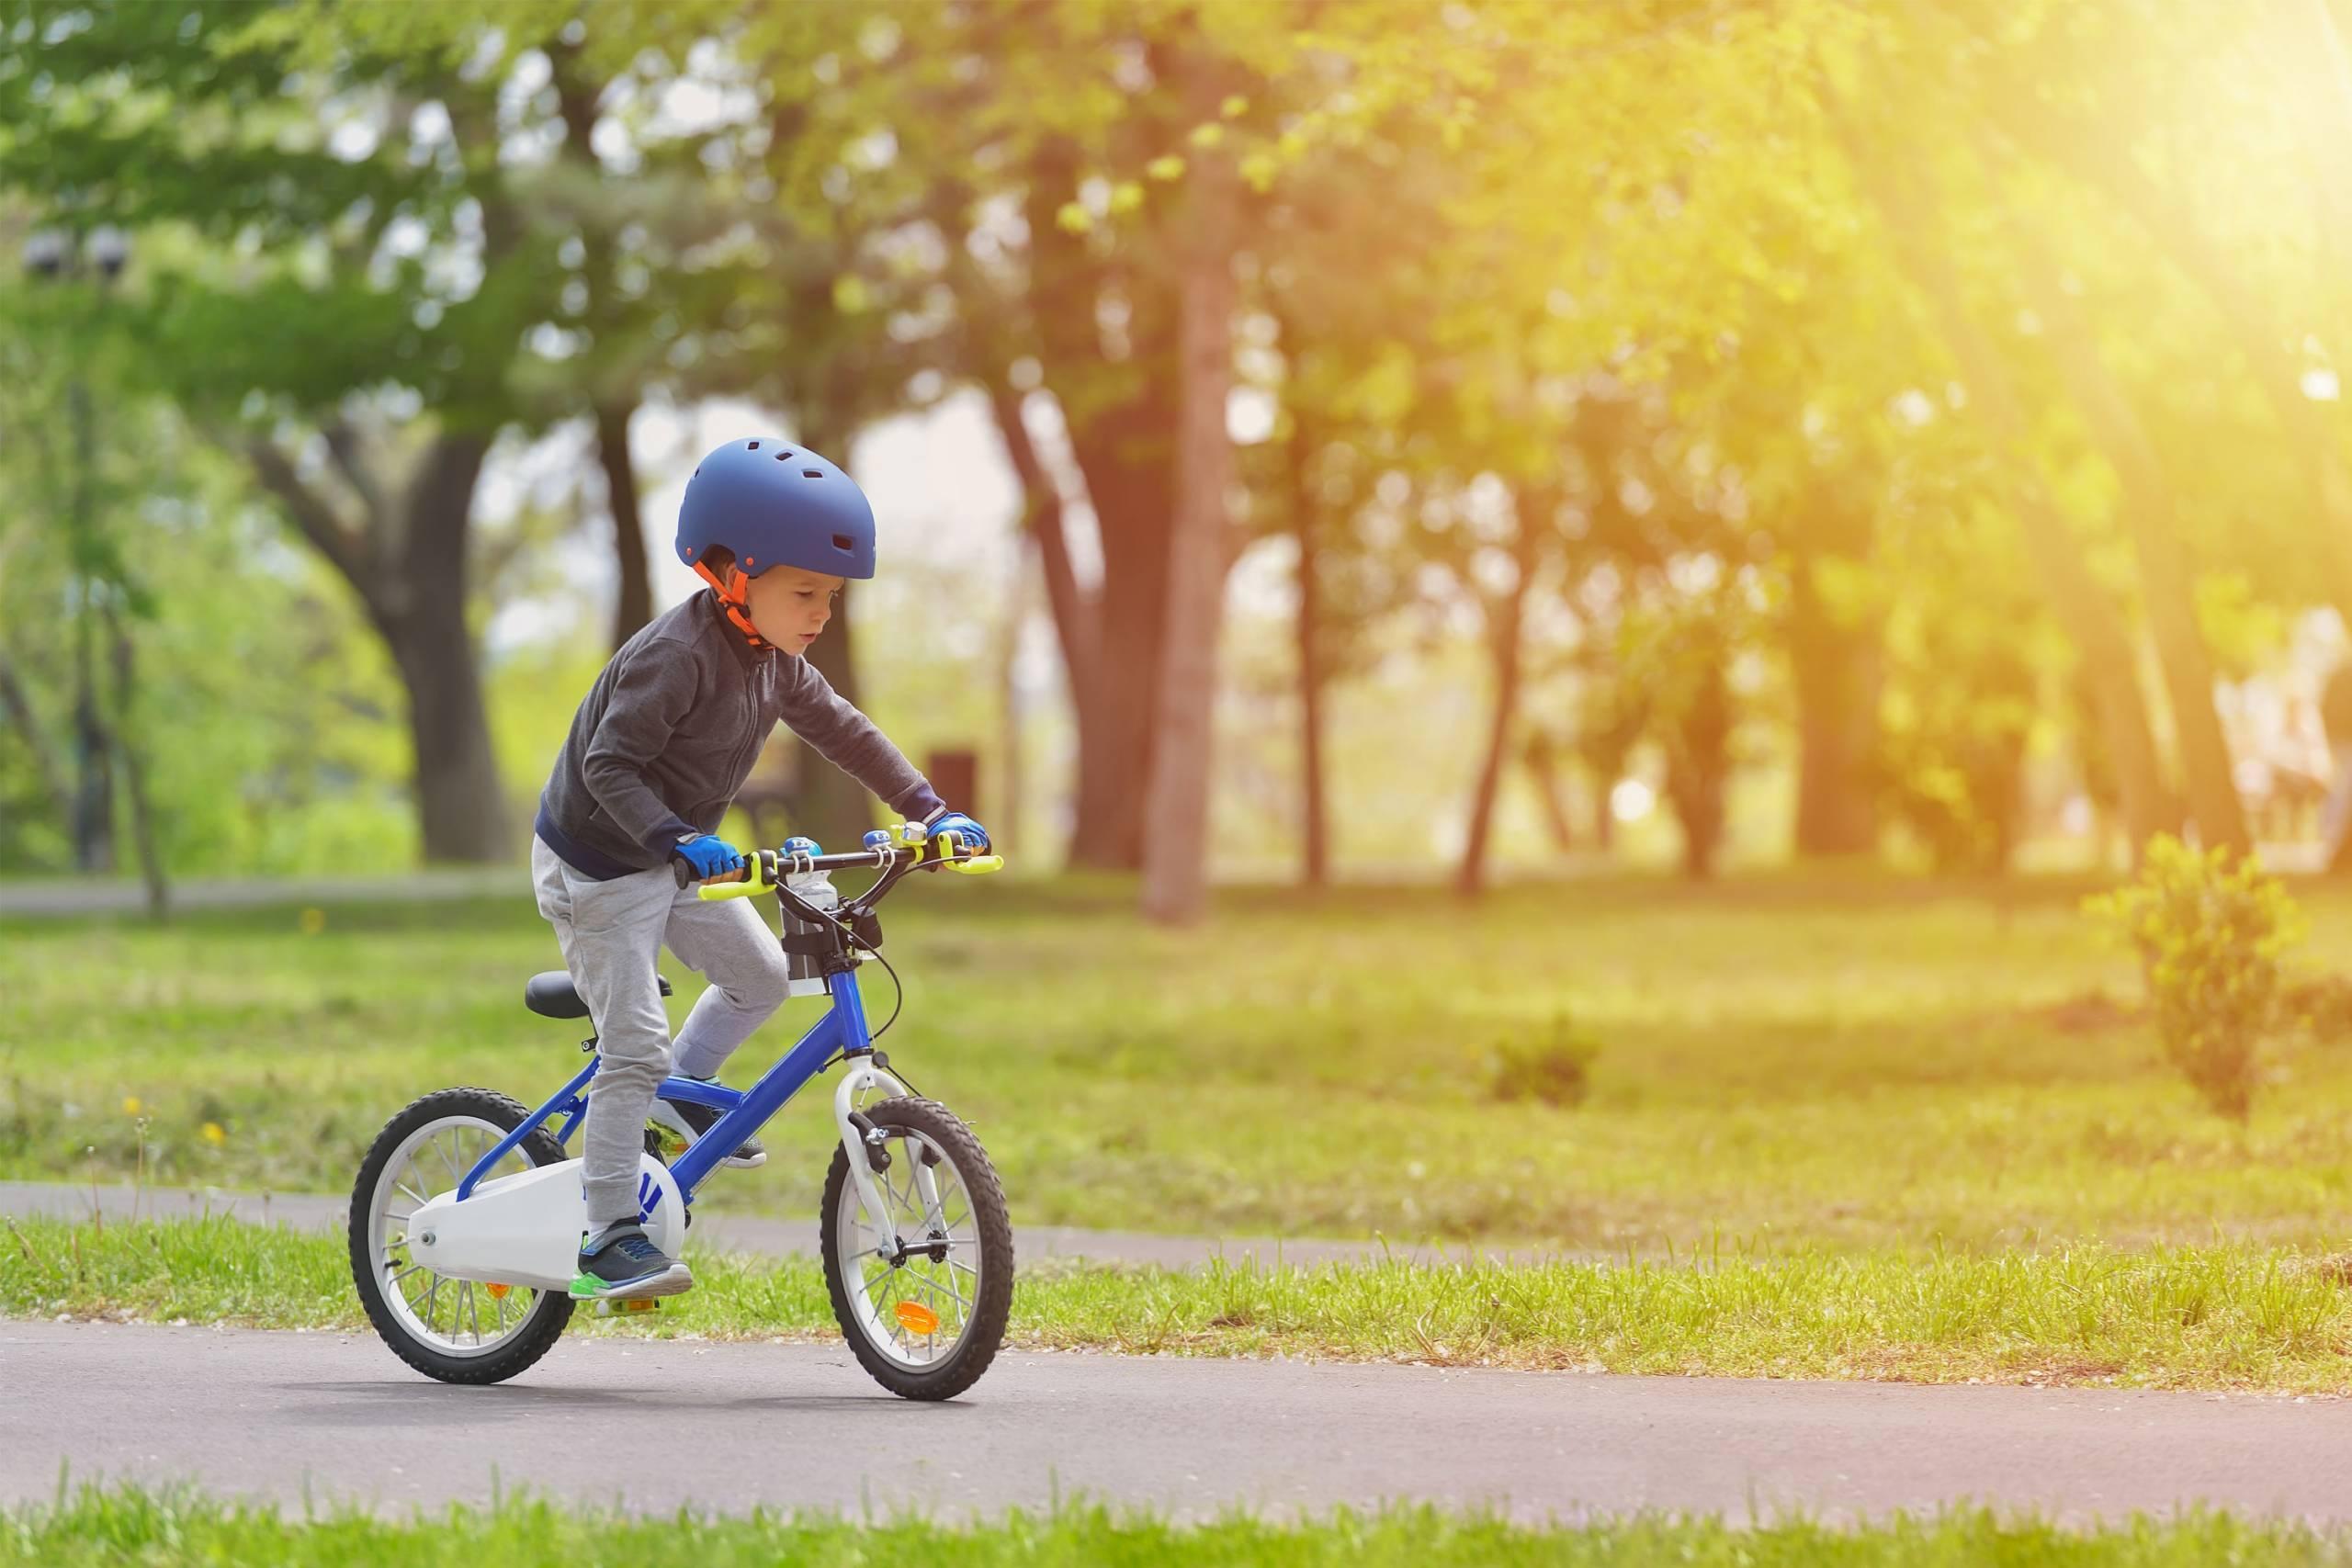 Child riding a pedal bike